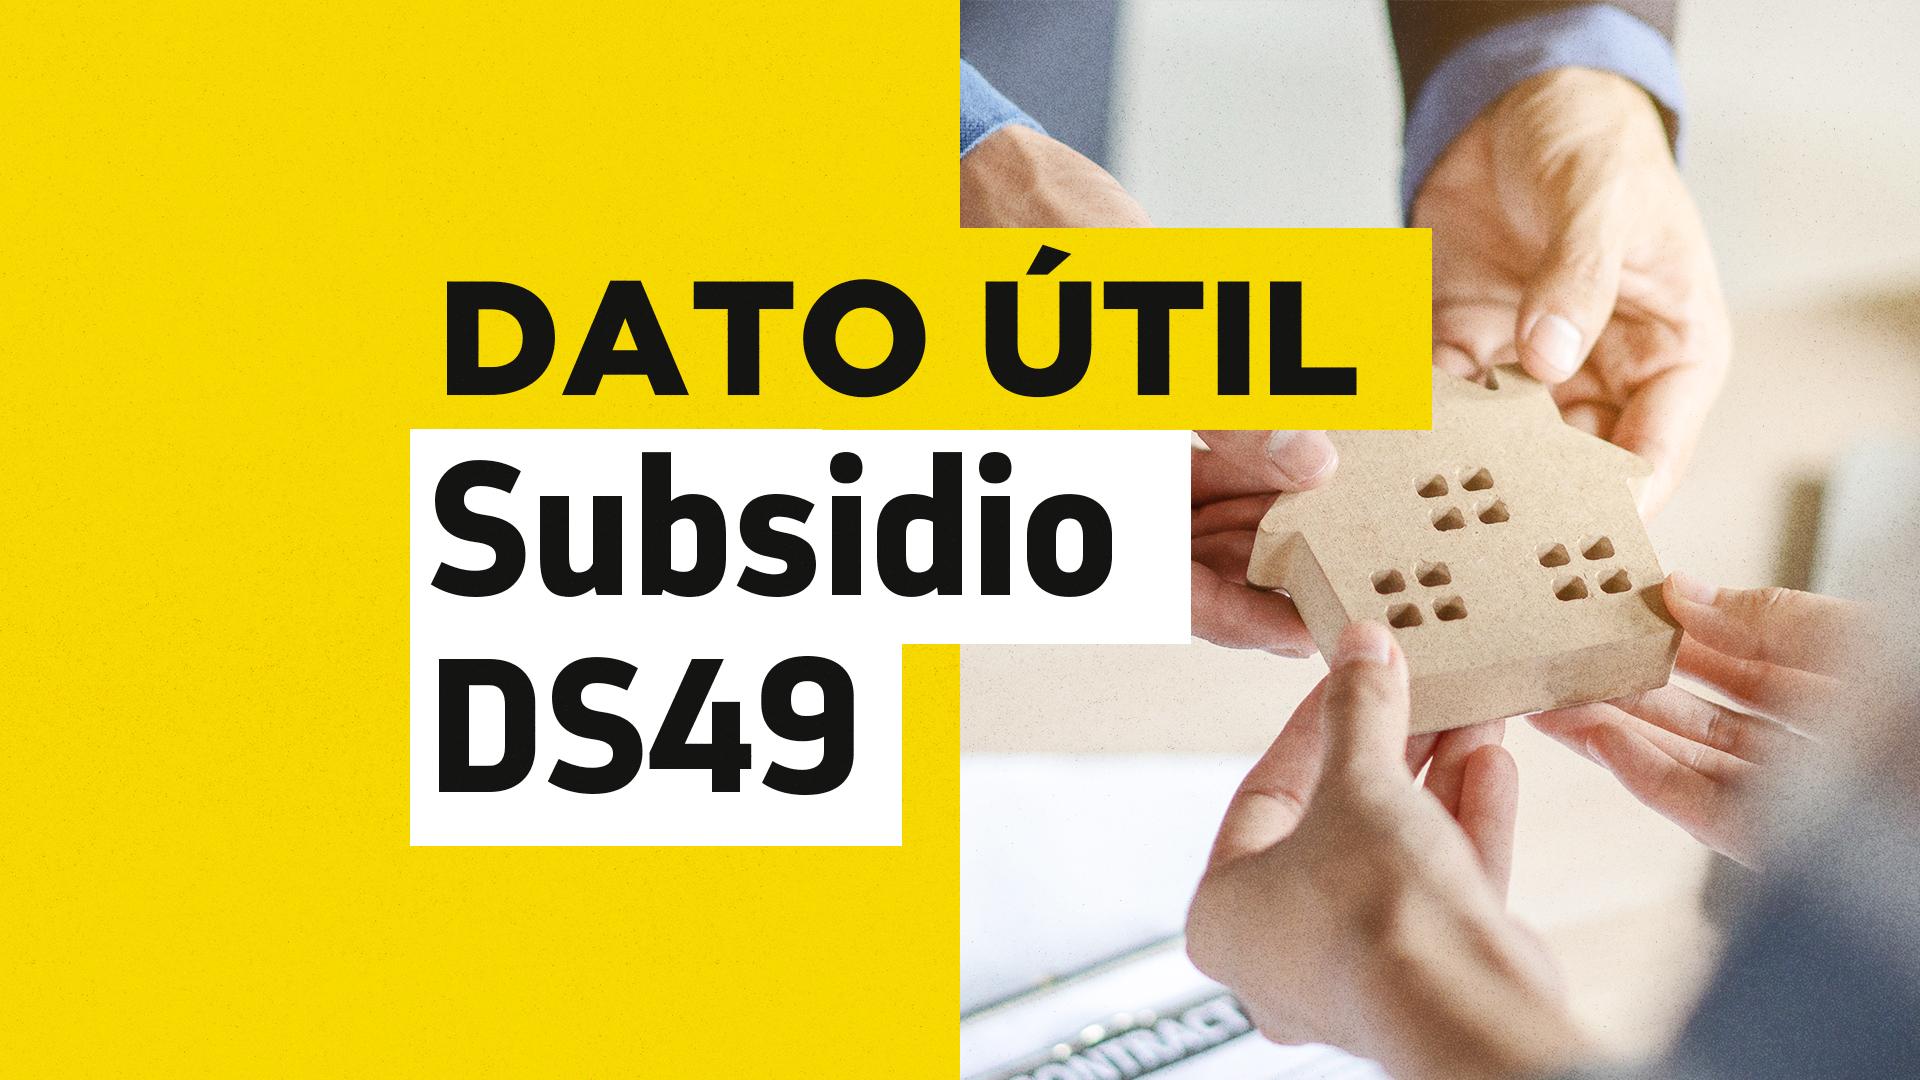 Subsidio DS49 fechas de postulación